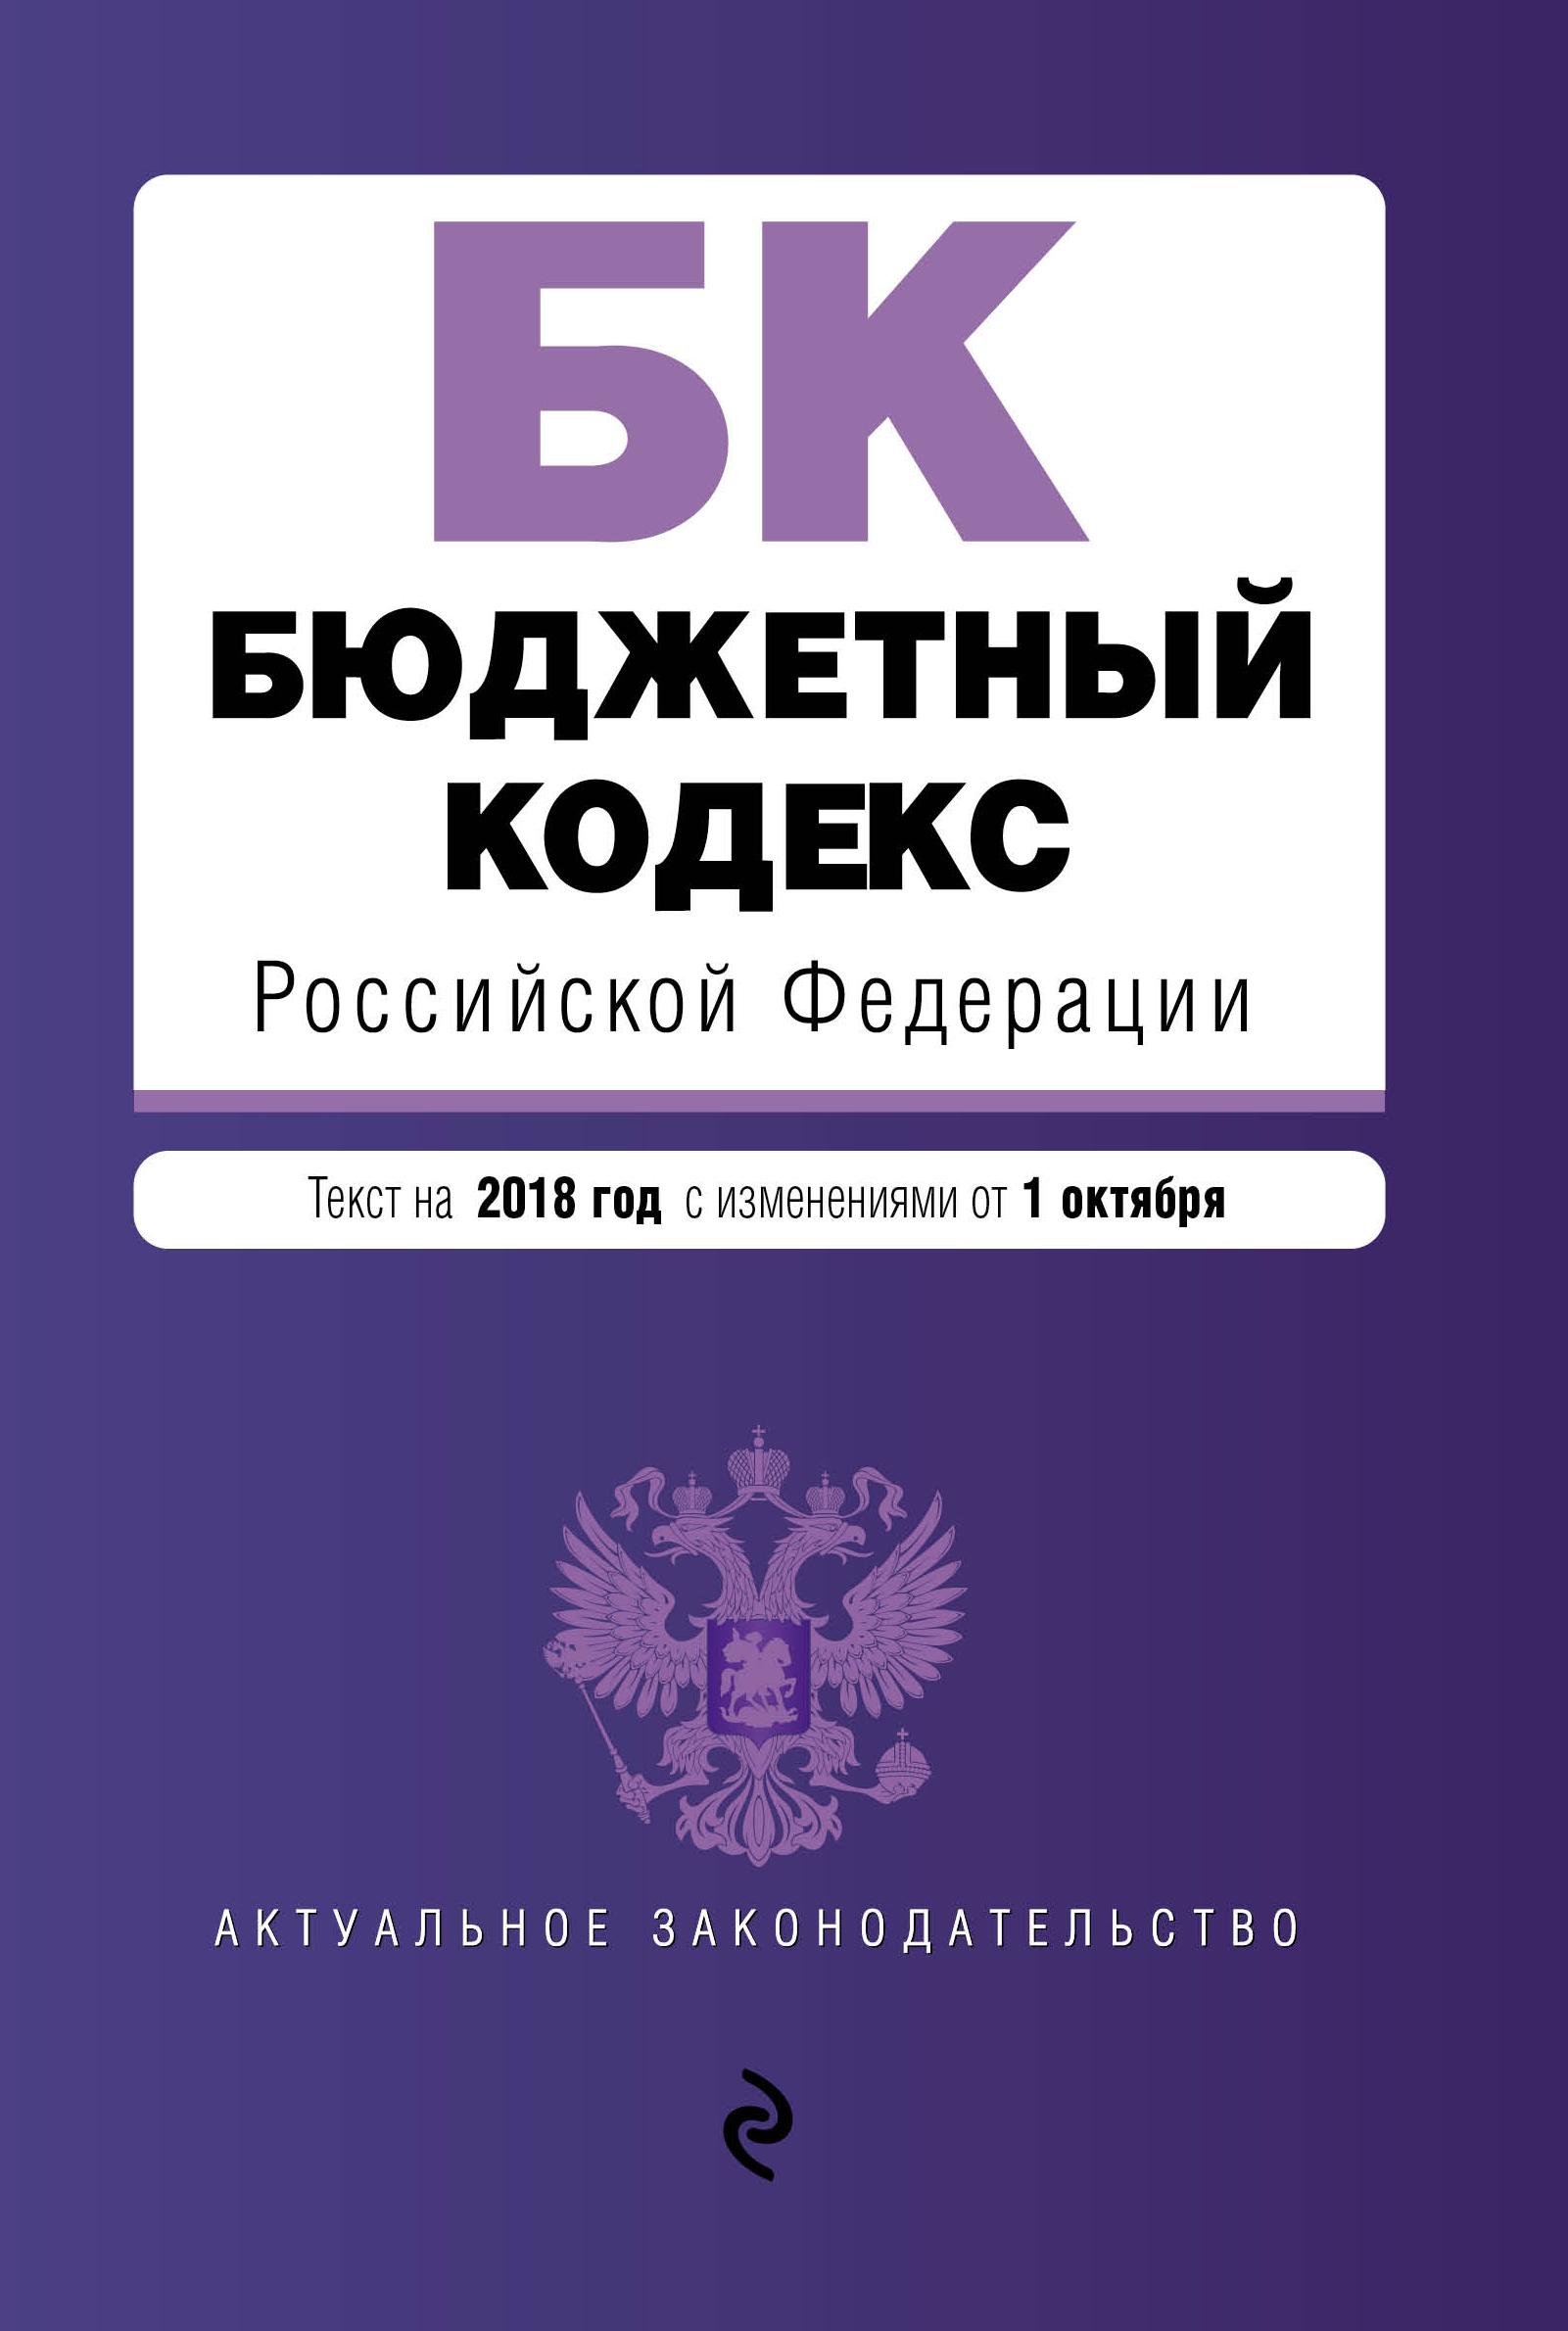 Бюджетный кодекс Российской Федерации : текст на 2018 год с изменениями от 1 октября